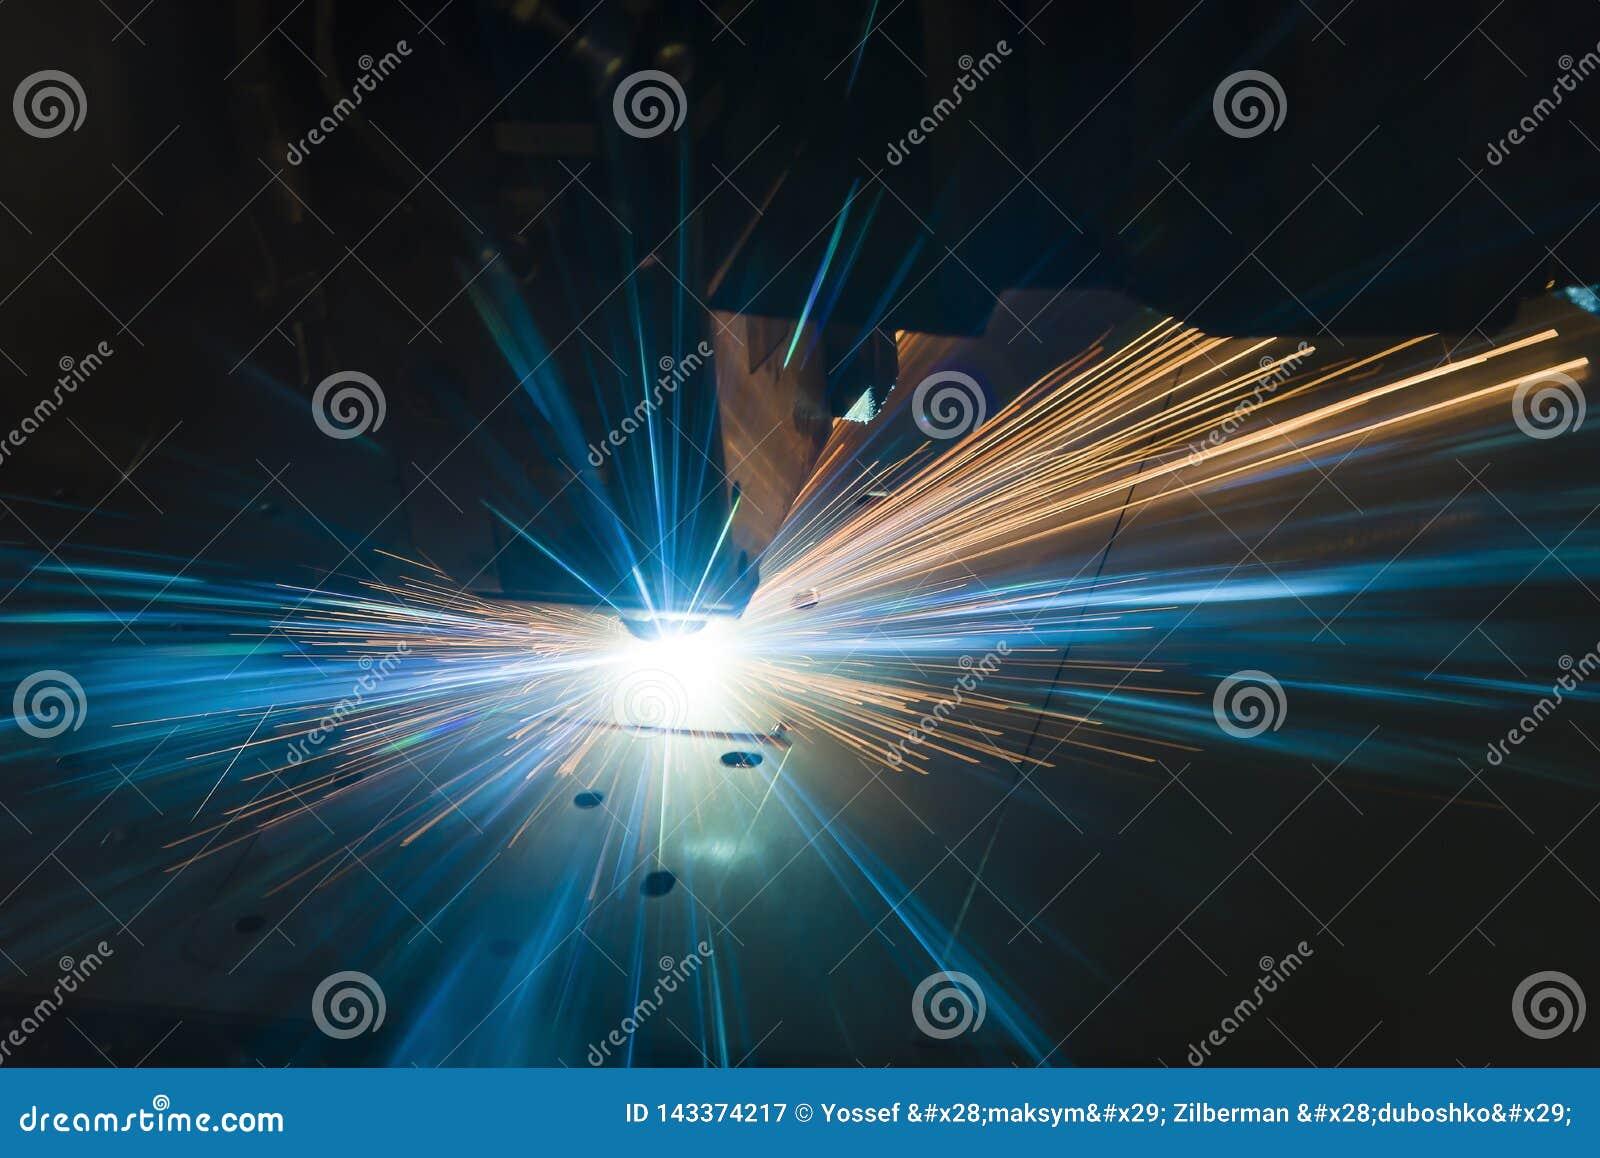 Промышленное вырезывание лазера обрабатывая технологию изготовления материала металлического листа плоского листа стального с иск